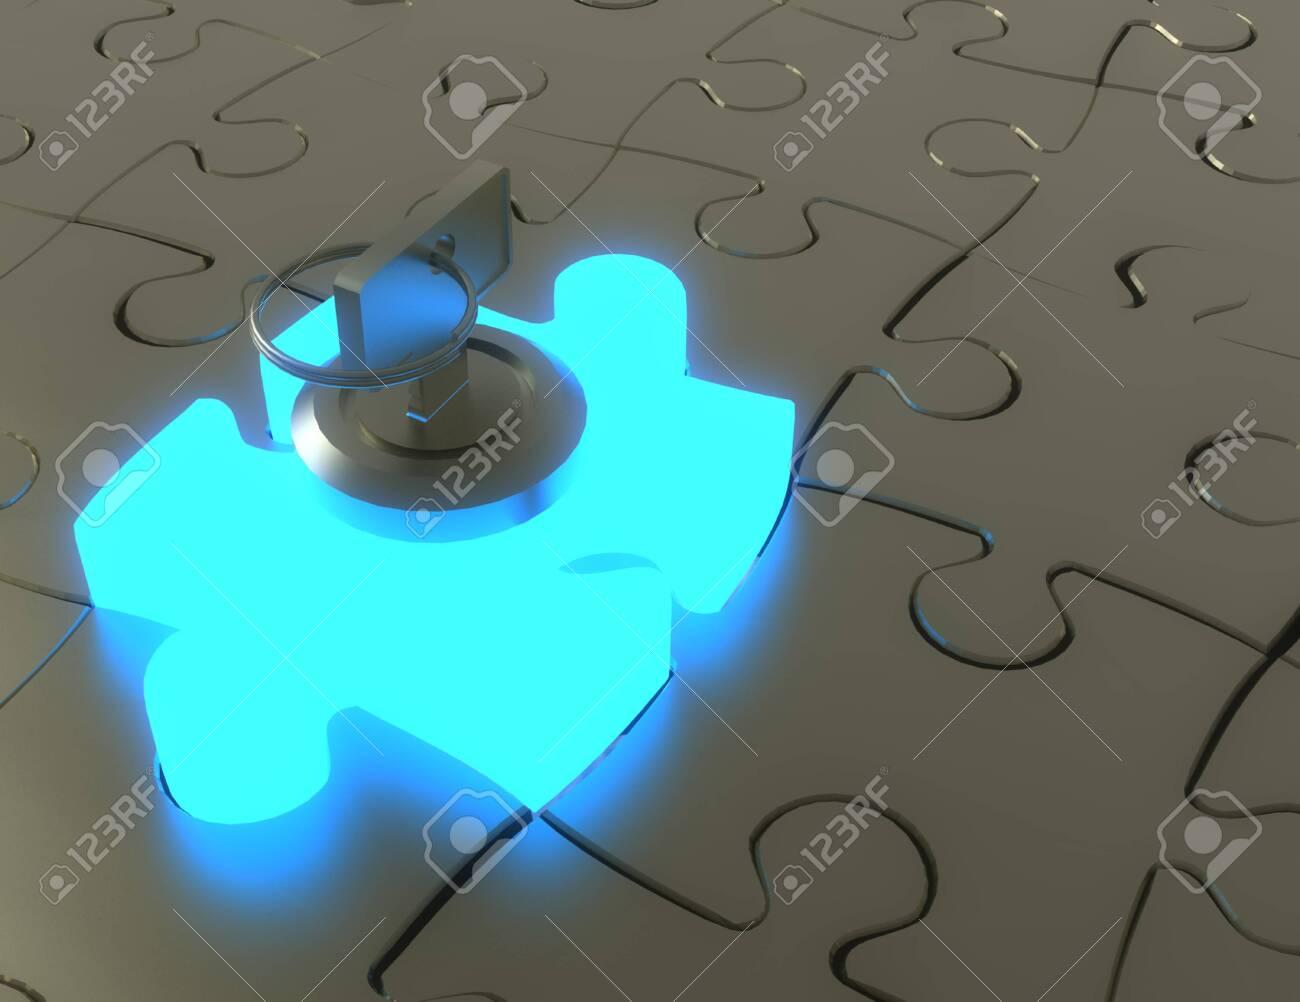 3d key and puzzle pieces .3d illustration - 146702619